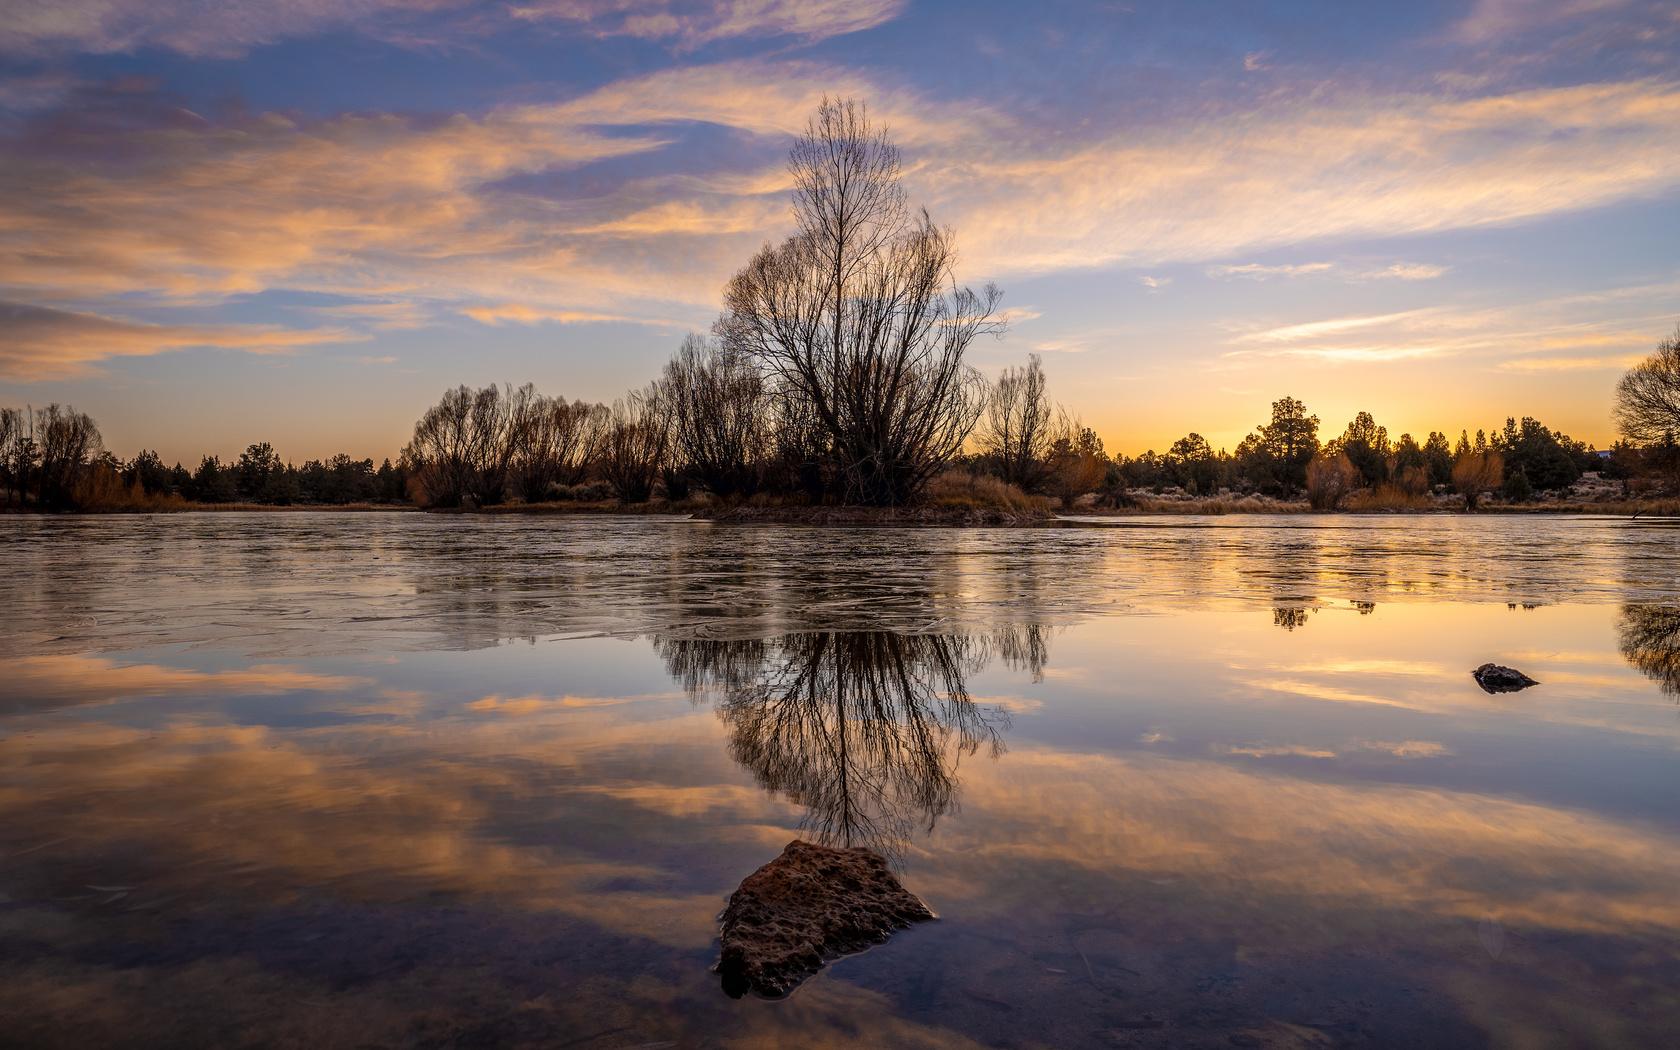 озеро, дерево, отражение, вода, сумерки, природа